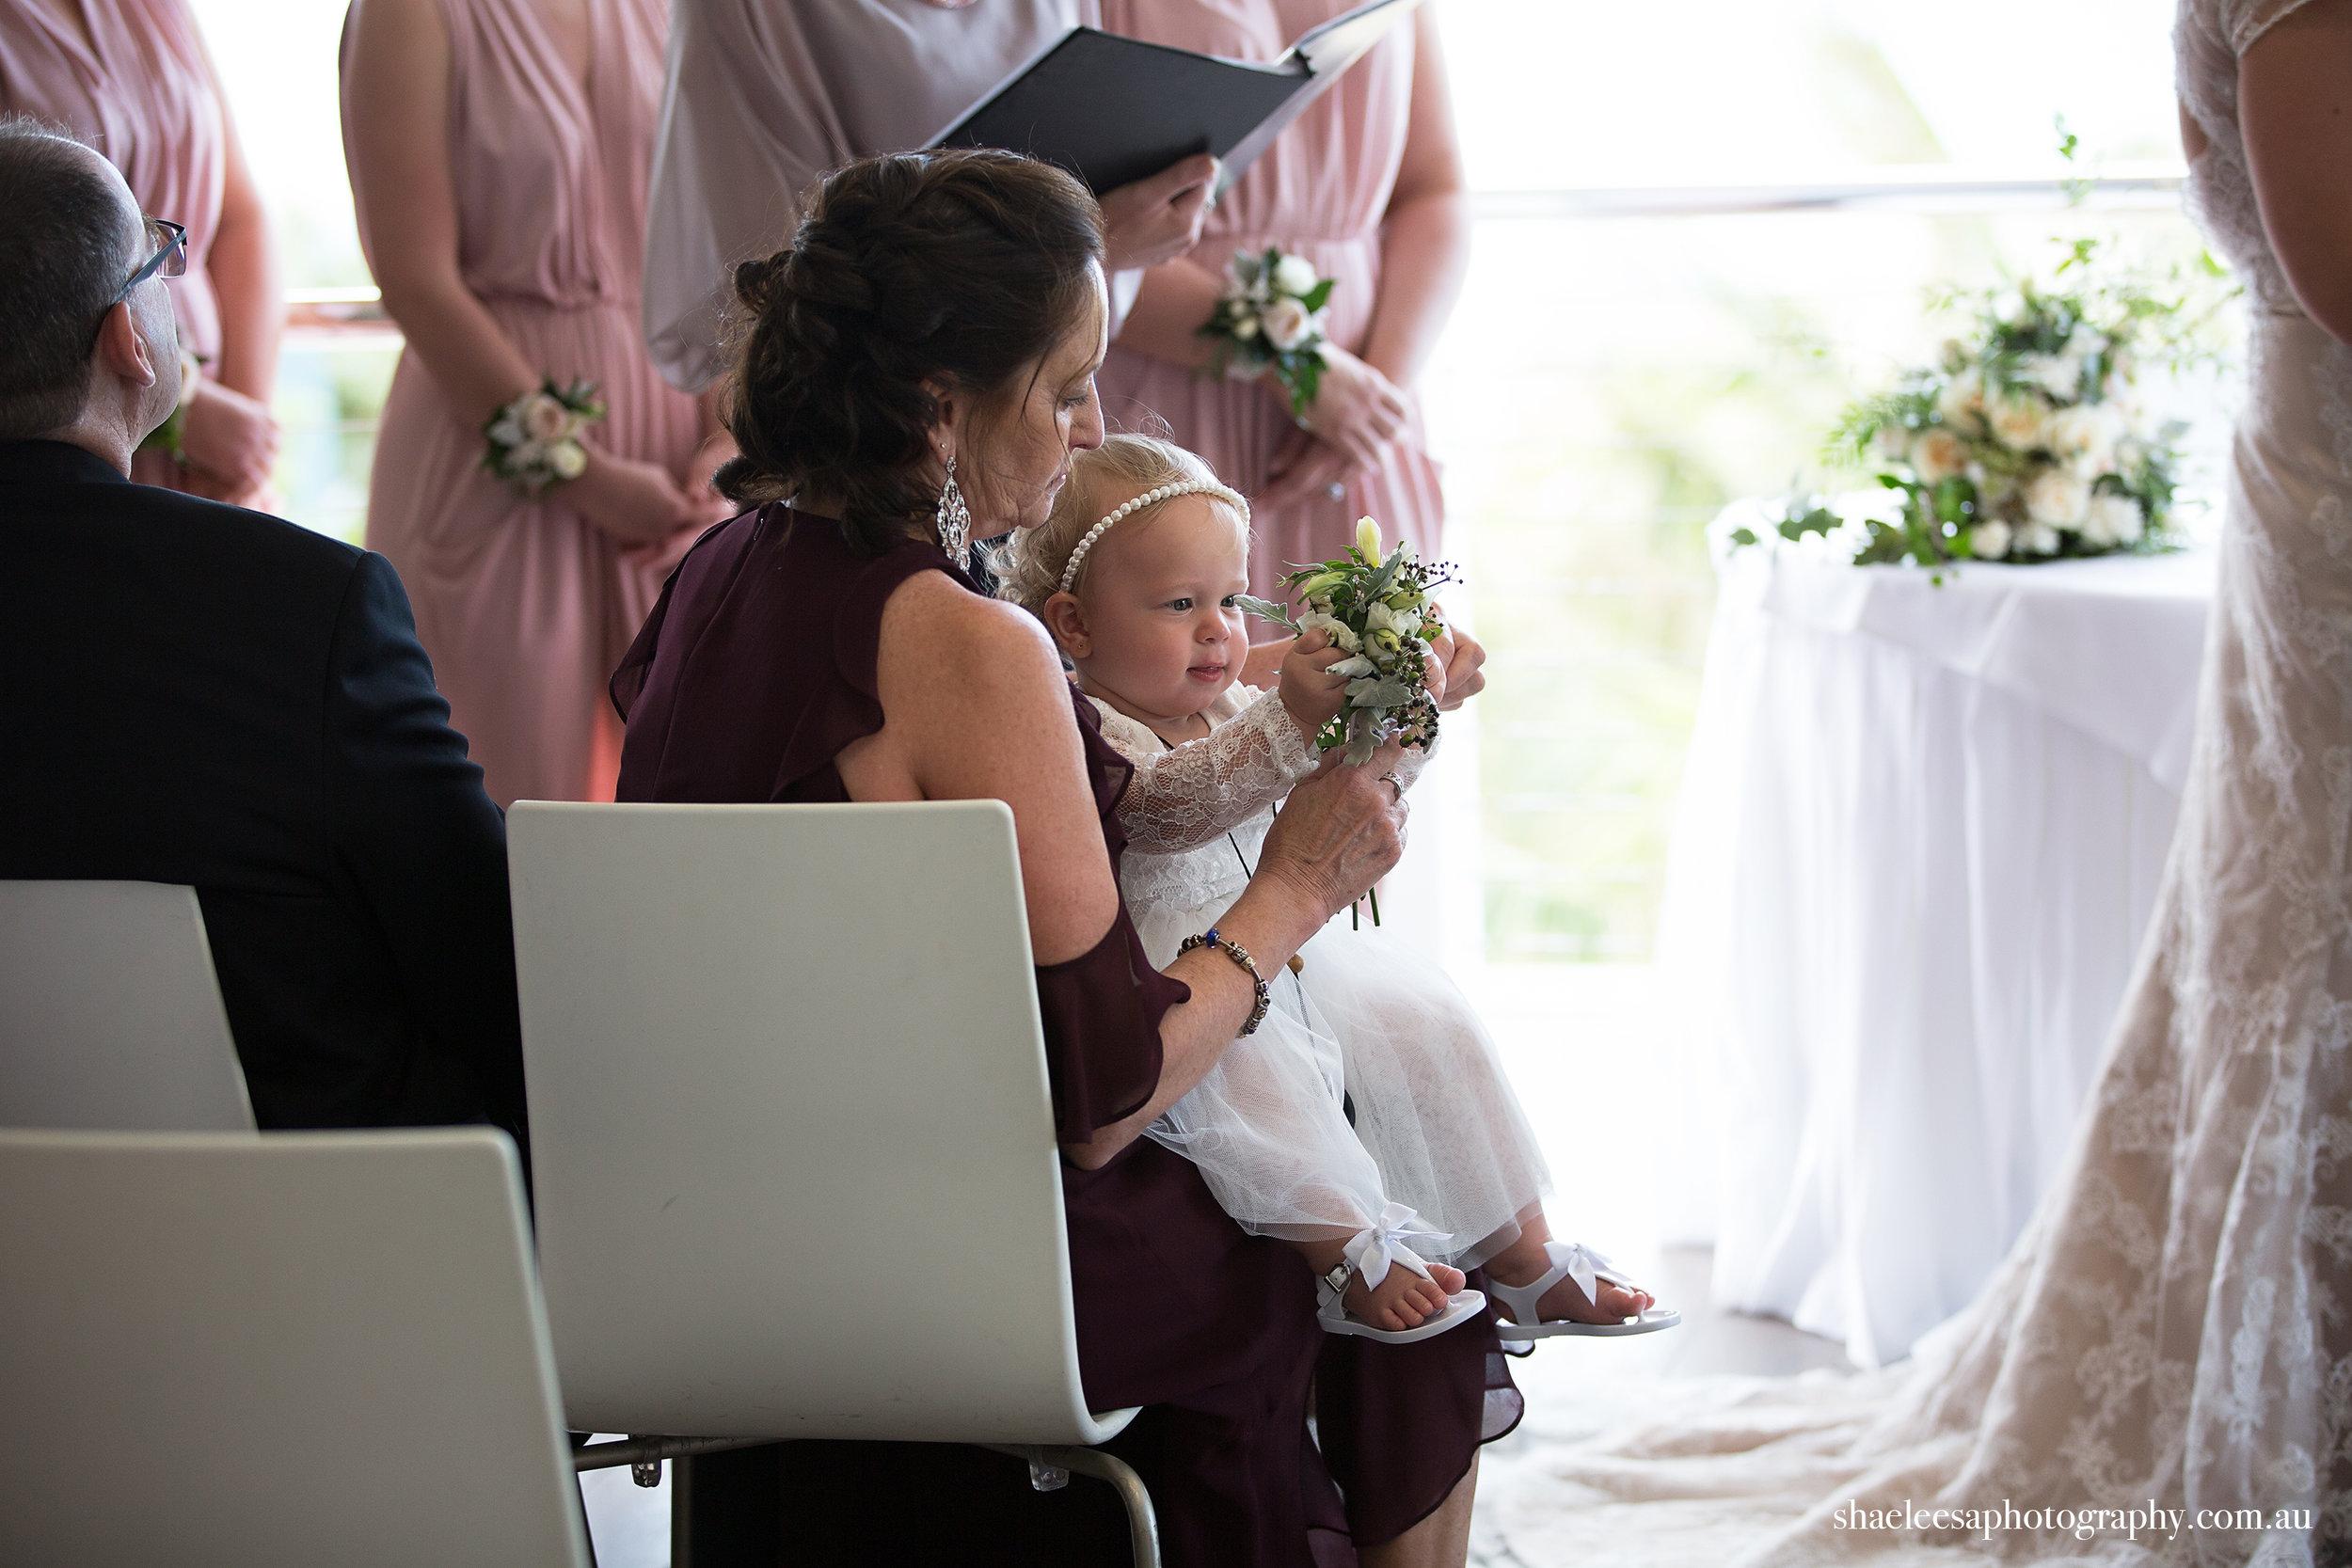 WeddingsByShae_087_McDermid2017.jpg